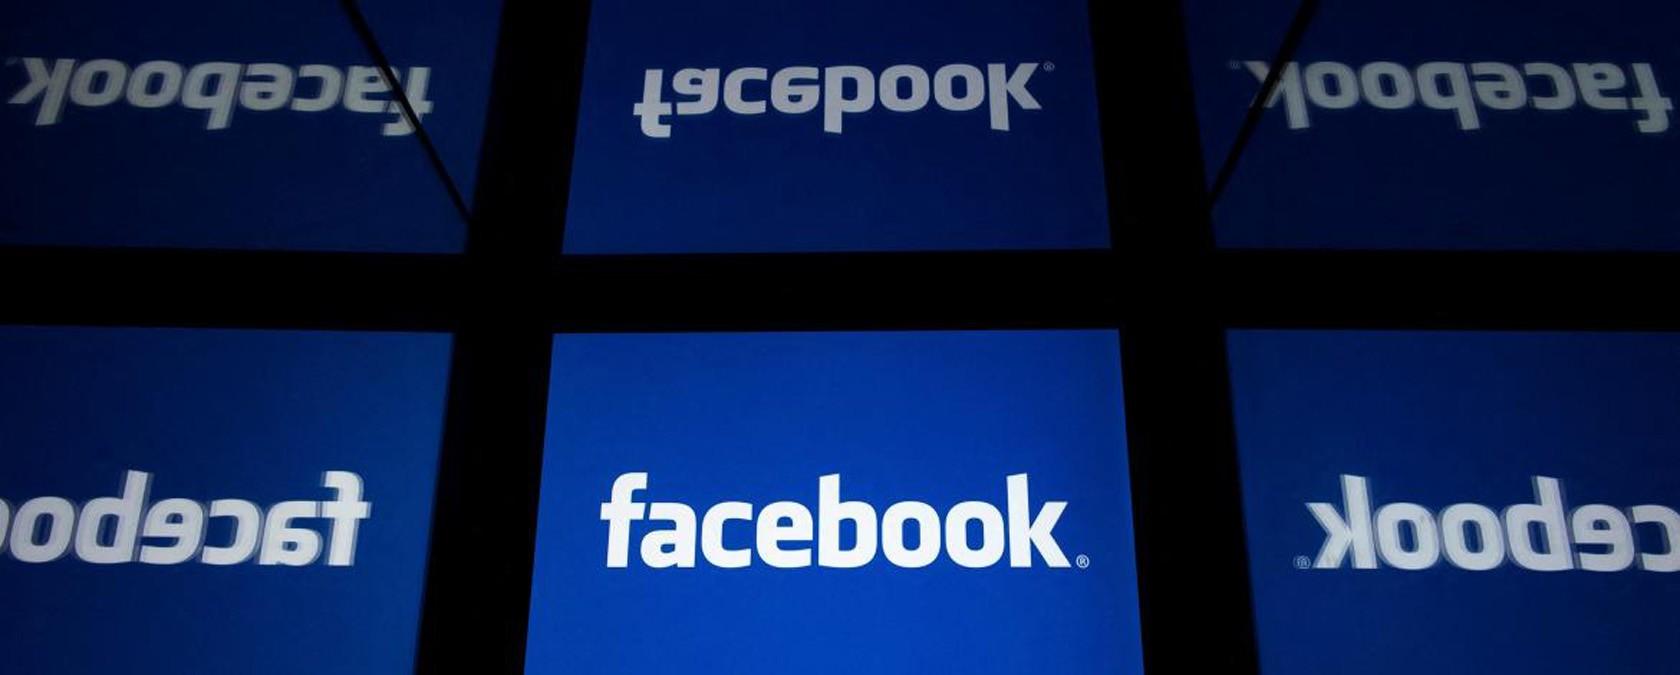 Désinformation et haine en ligne : Facebook visé par une plainte du RSF